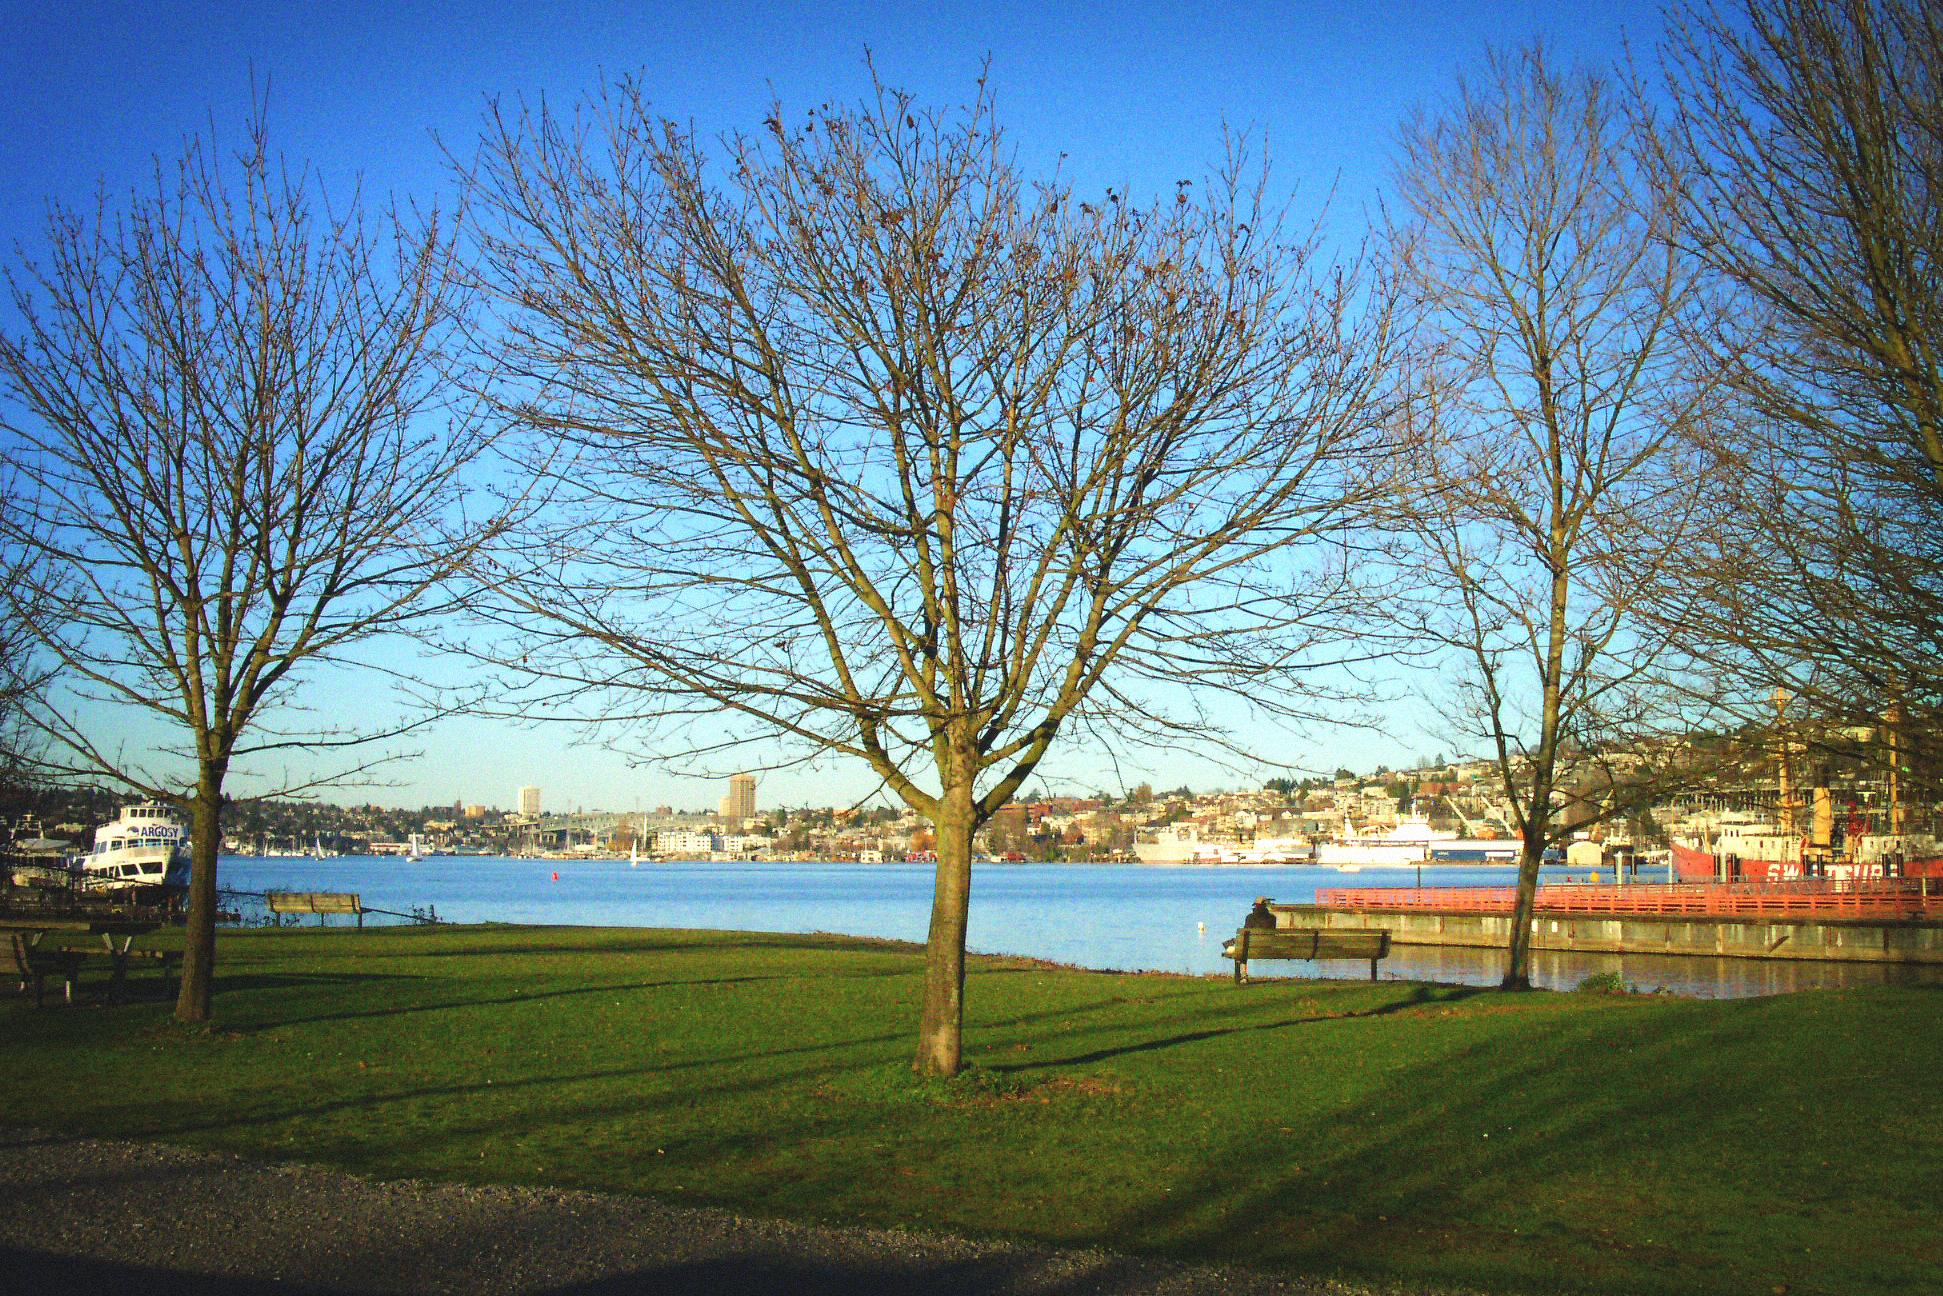 Lake Union Park, Seattle, WA